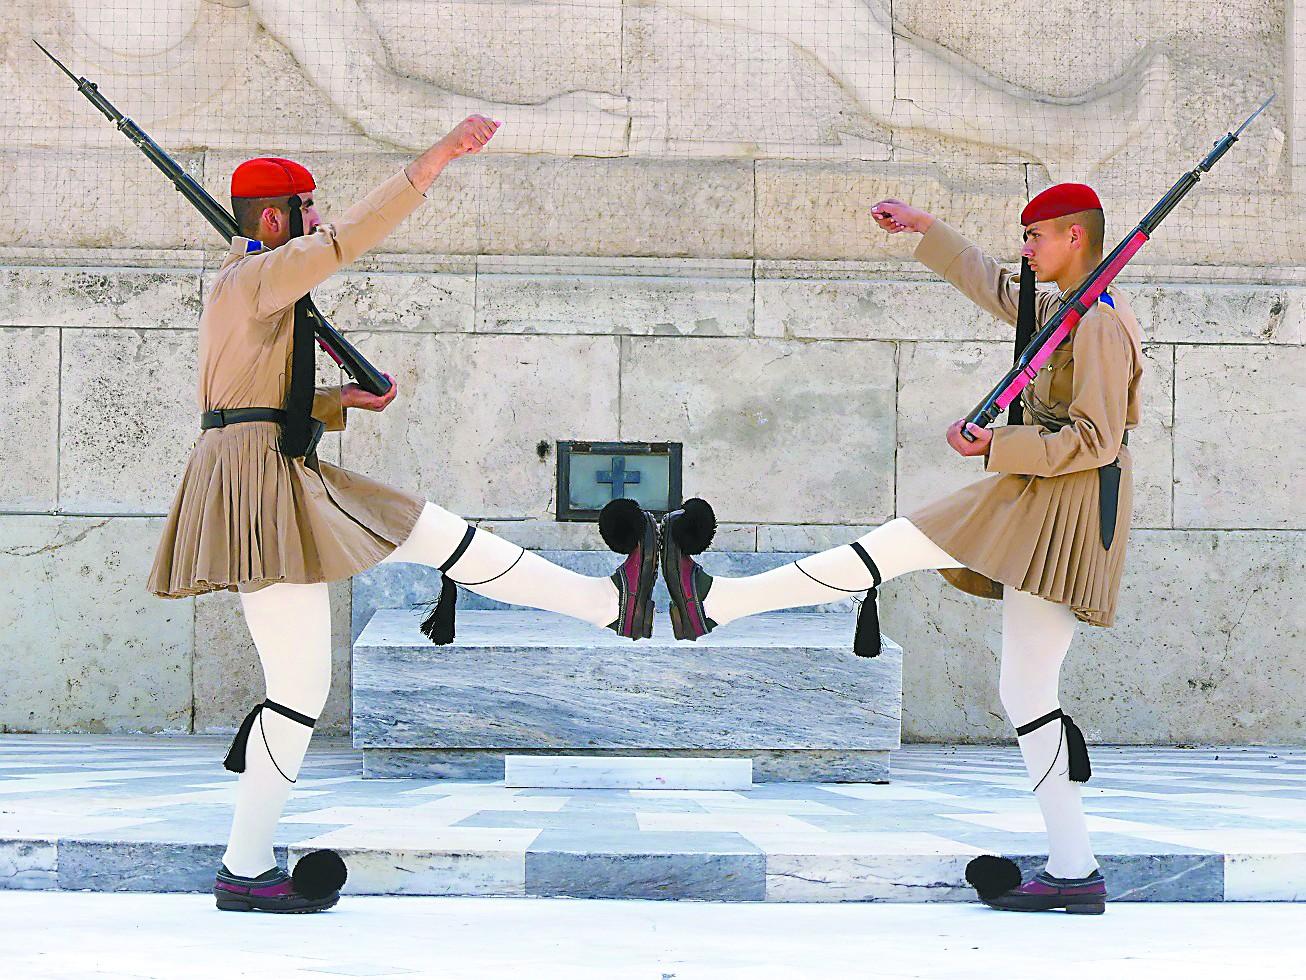 雅典卫兵,希腊旅游圈的网红